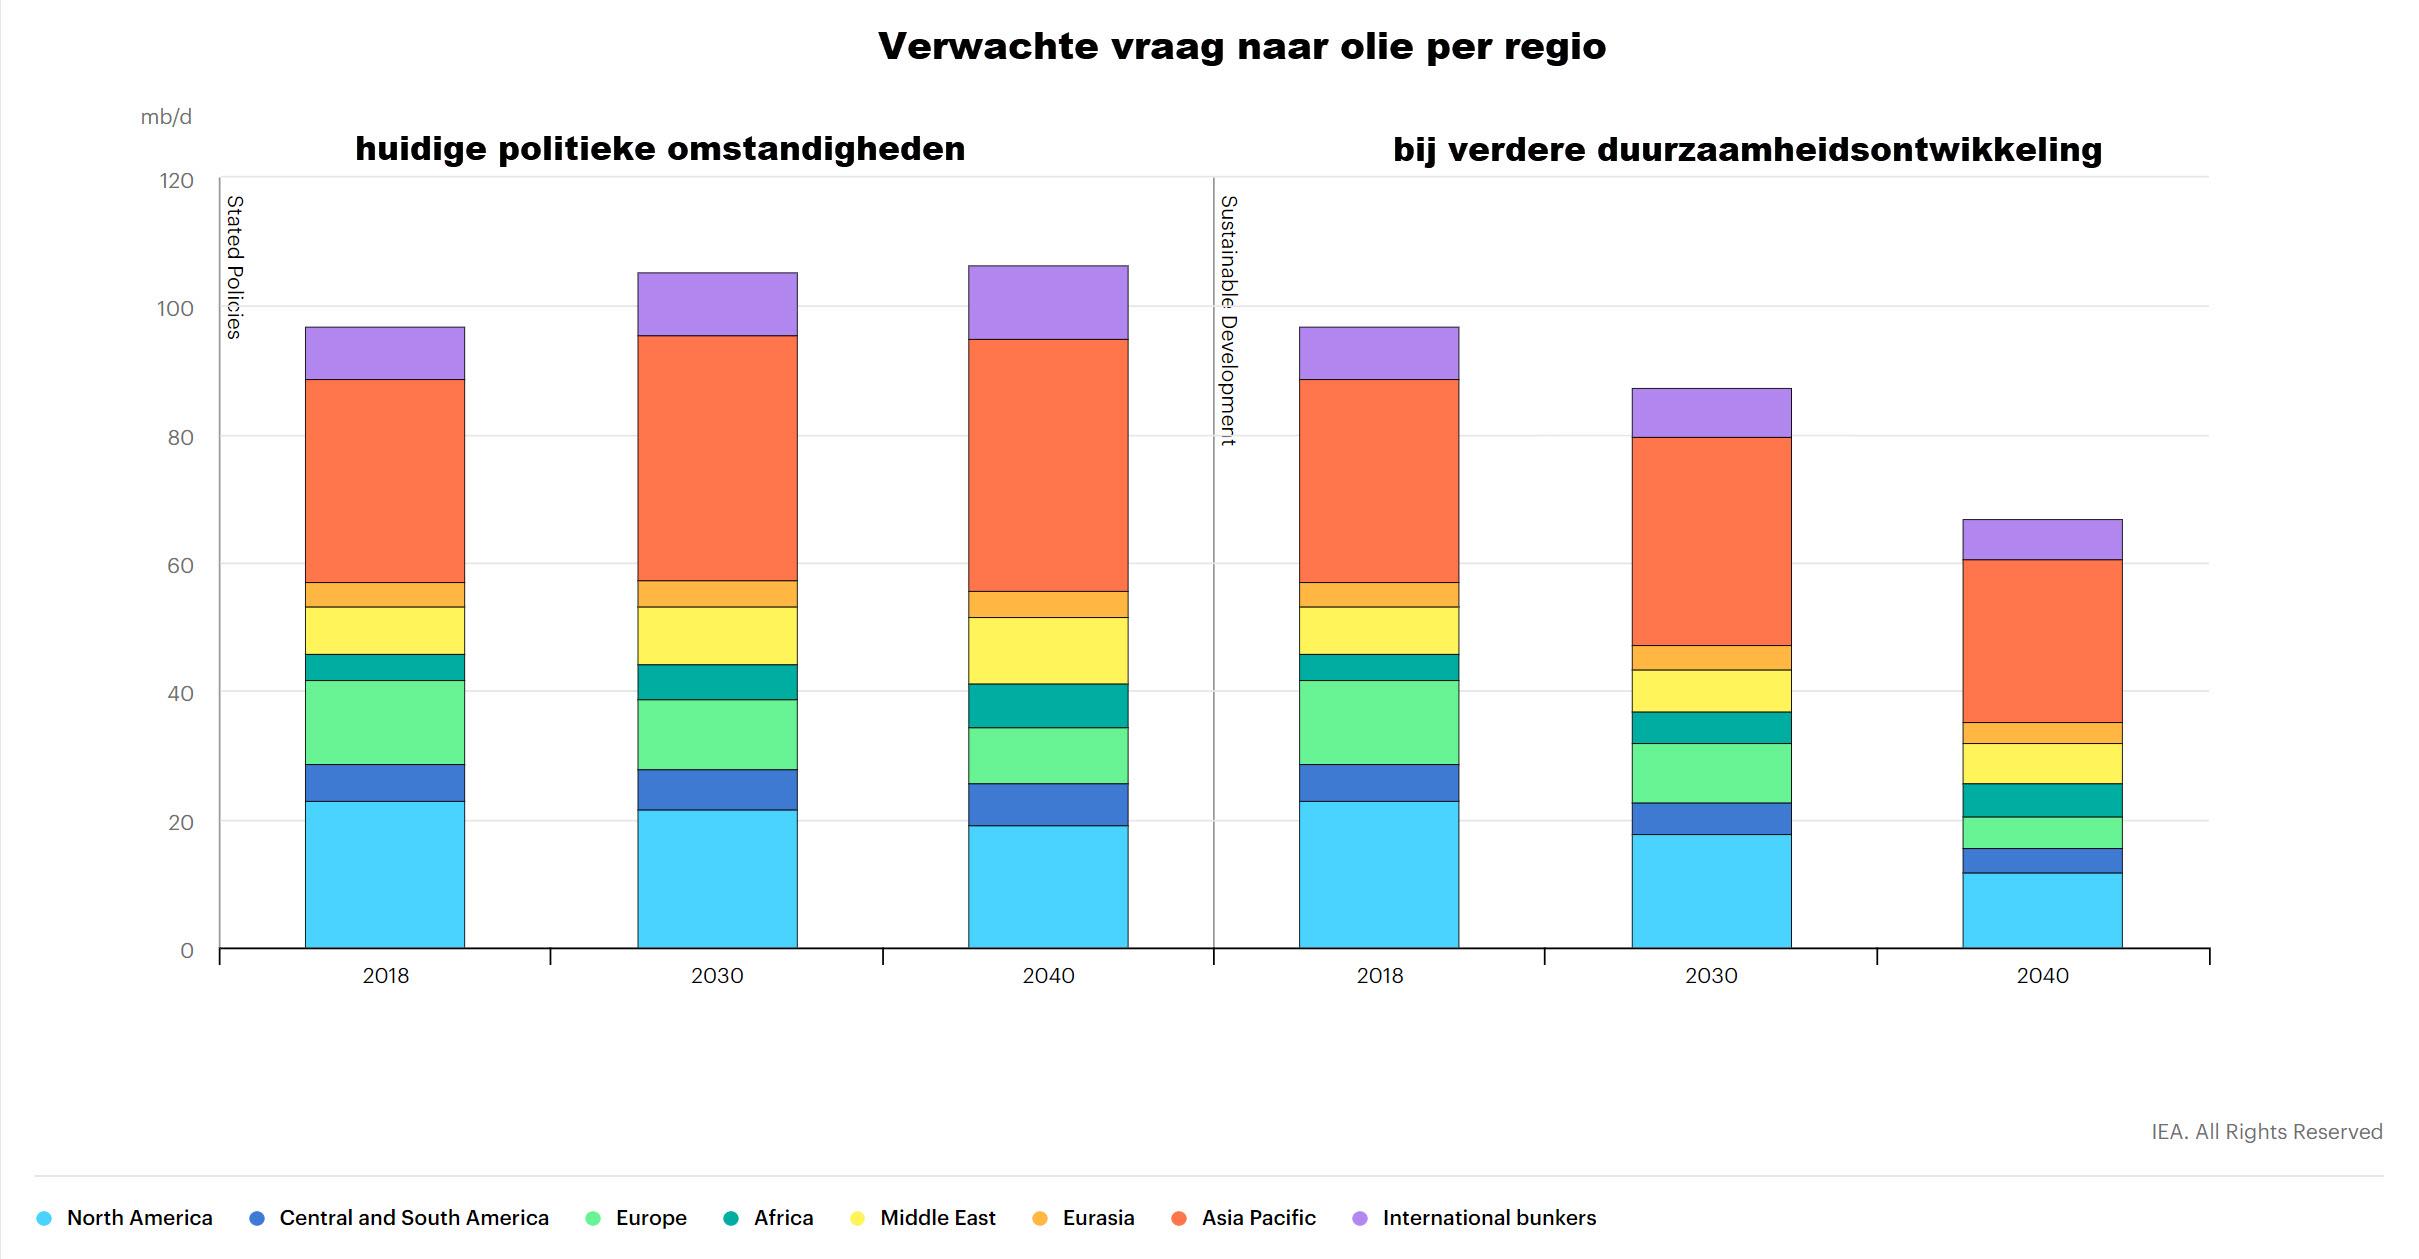 Verwachte vraag naar olie per regio